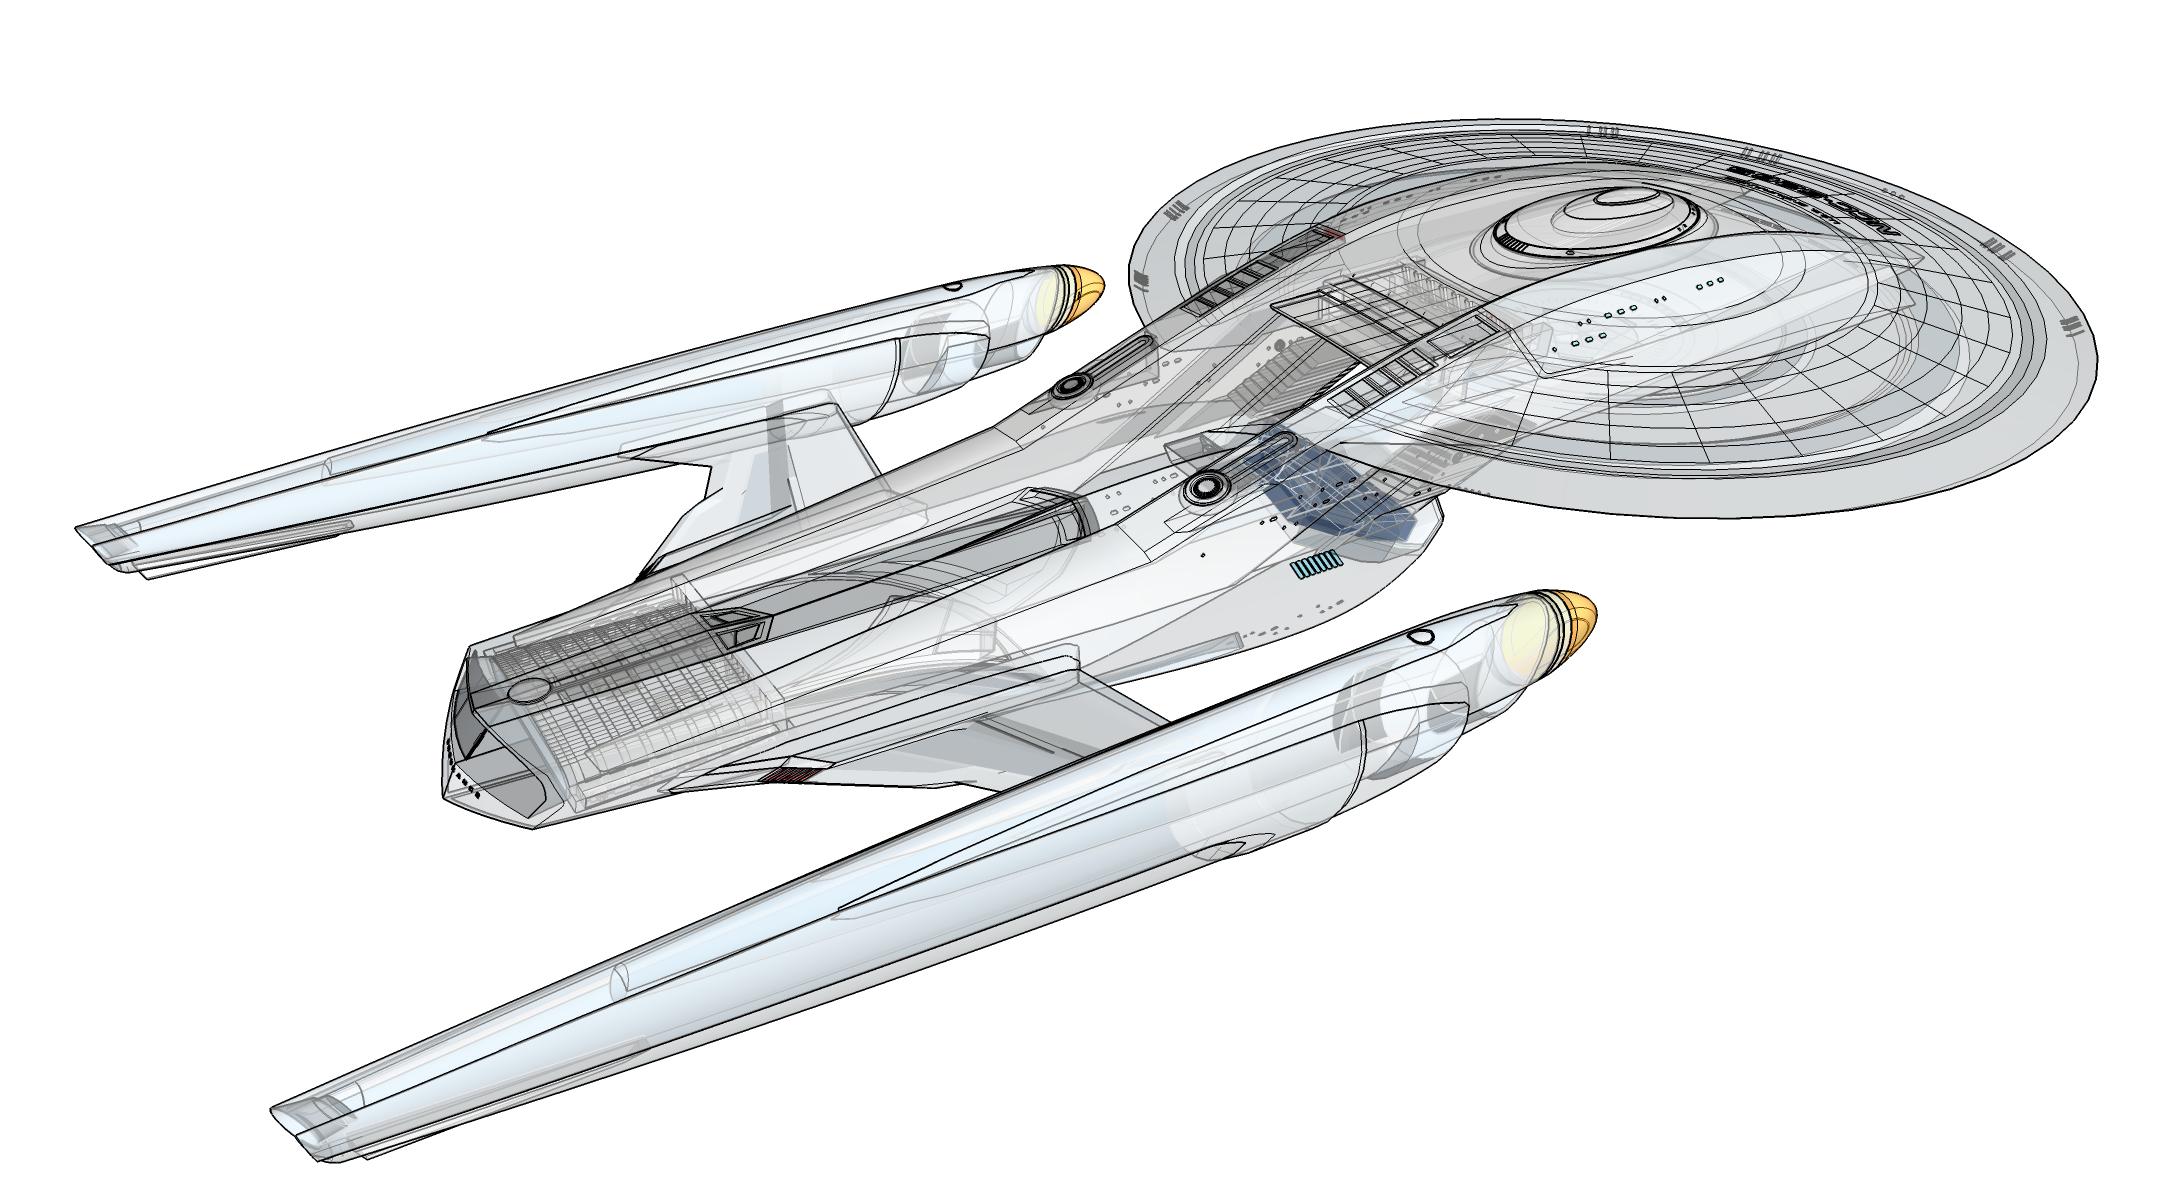 Starship Endurance